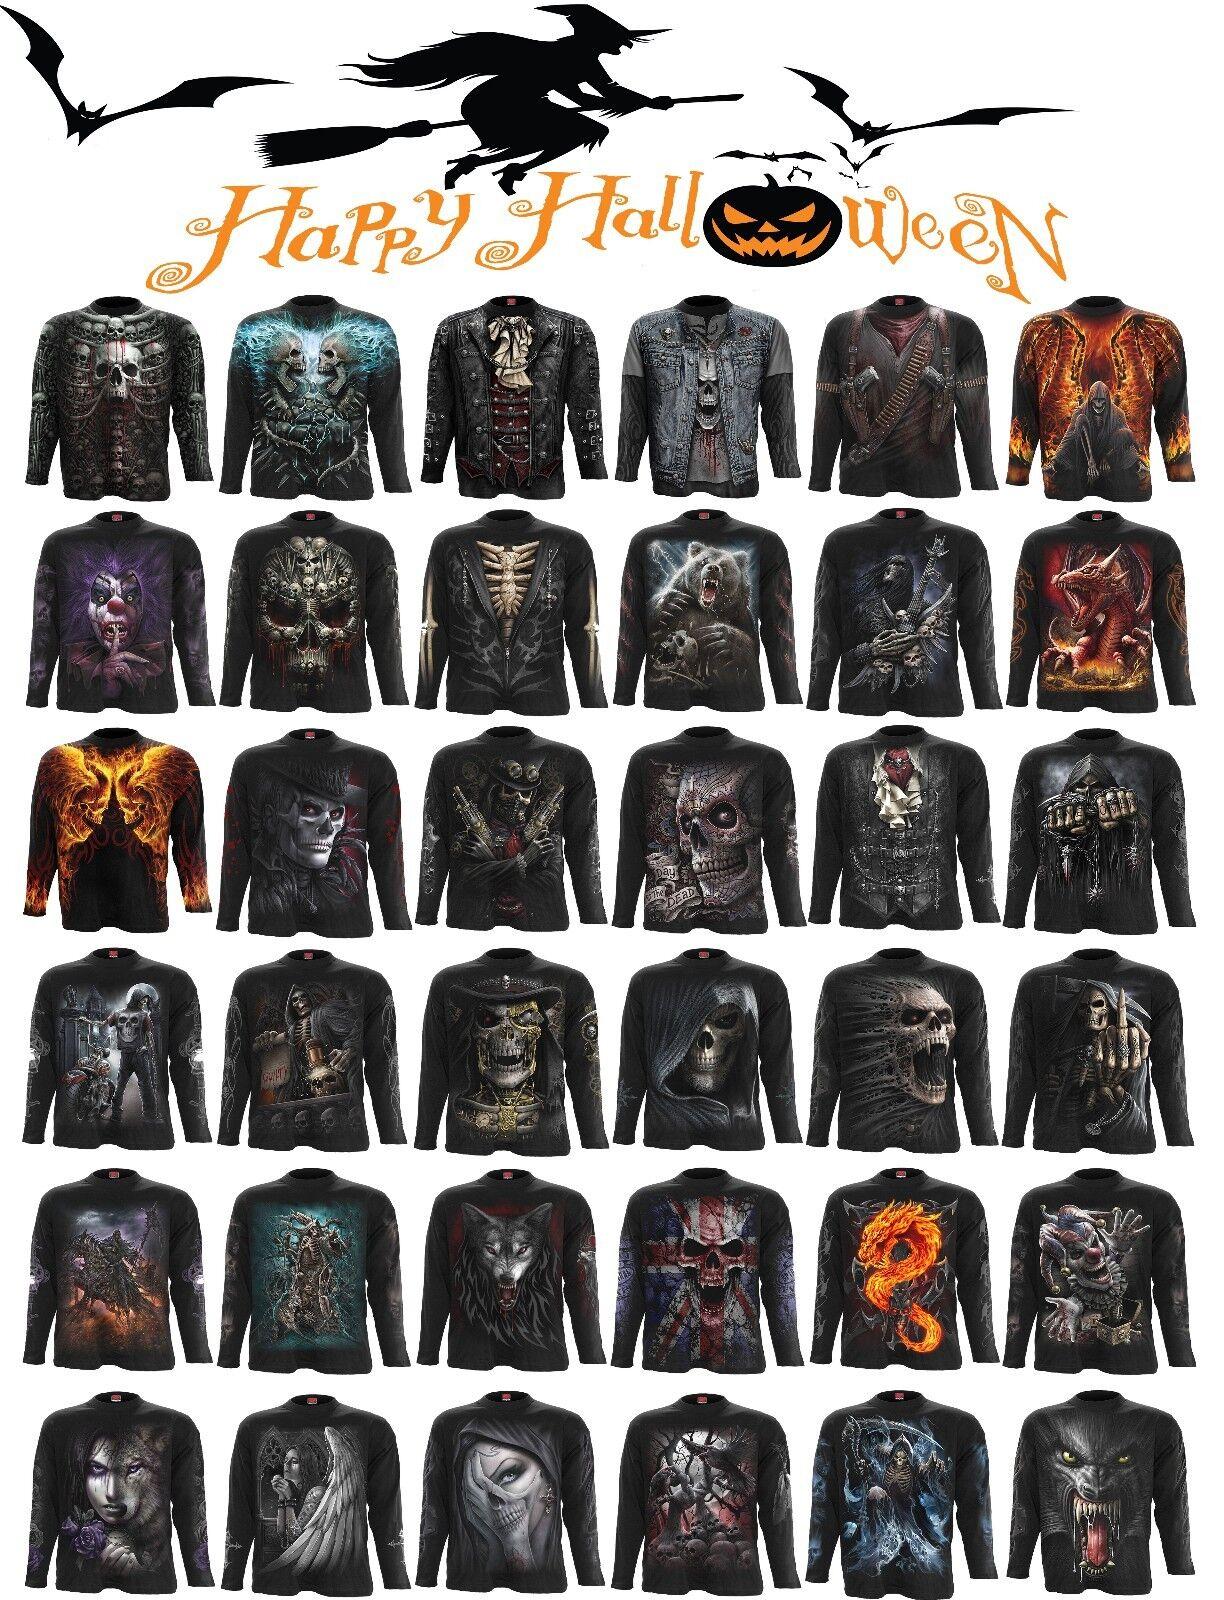 Spiral Direct HALLOWEEN Costume Reaper Skull Goth Horror Skeleton LongSleeve Top